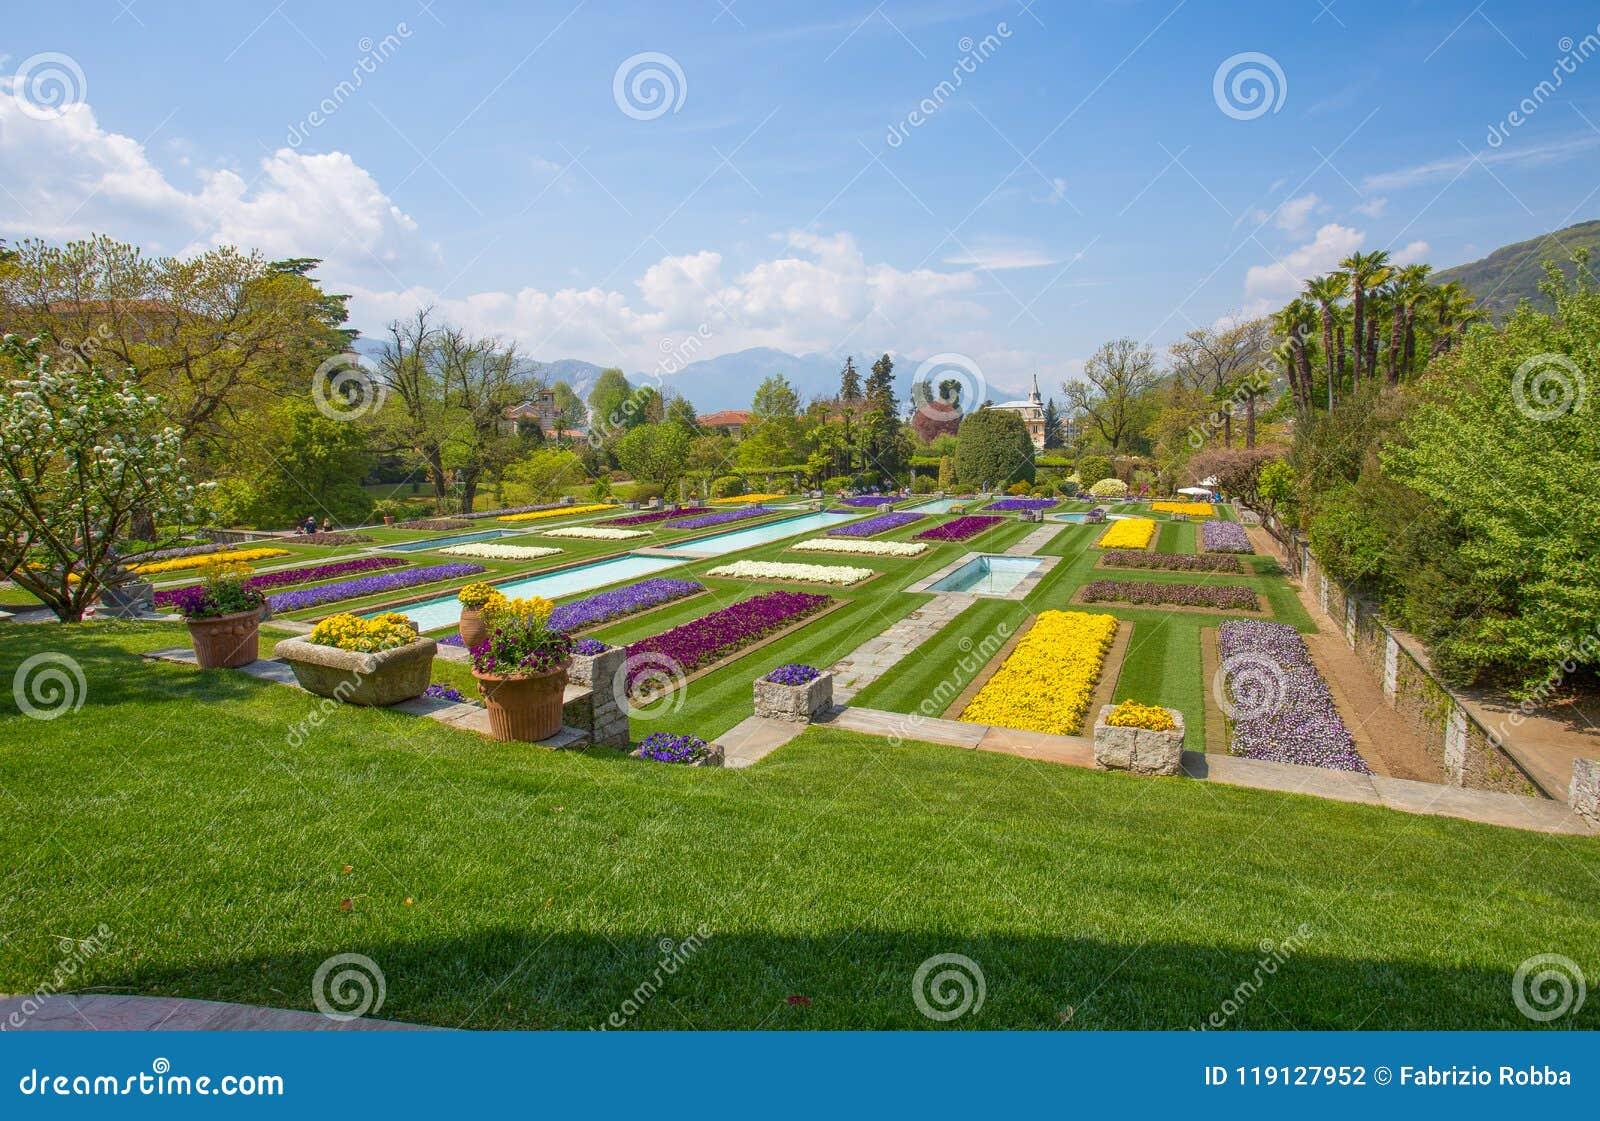 Eccezionale Giardini A Terrazze Nel Giardino Botanico Della Villa Taranto In CT42